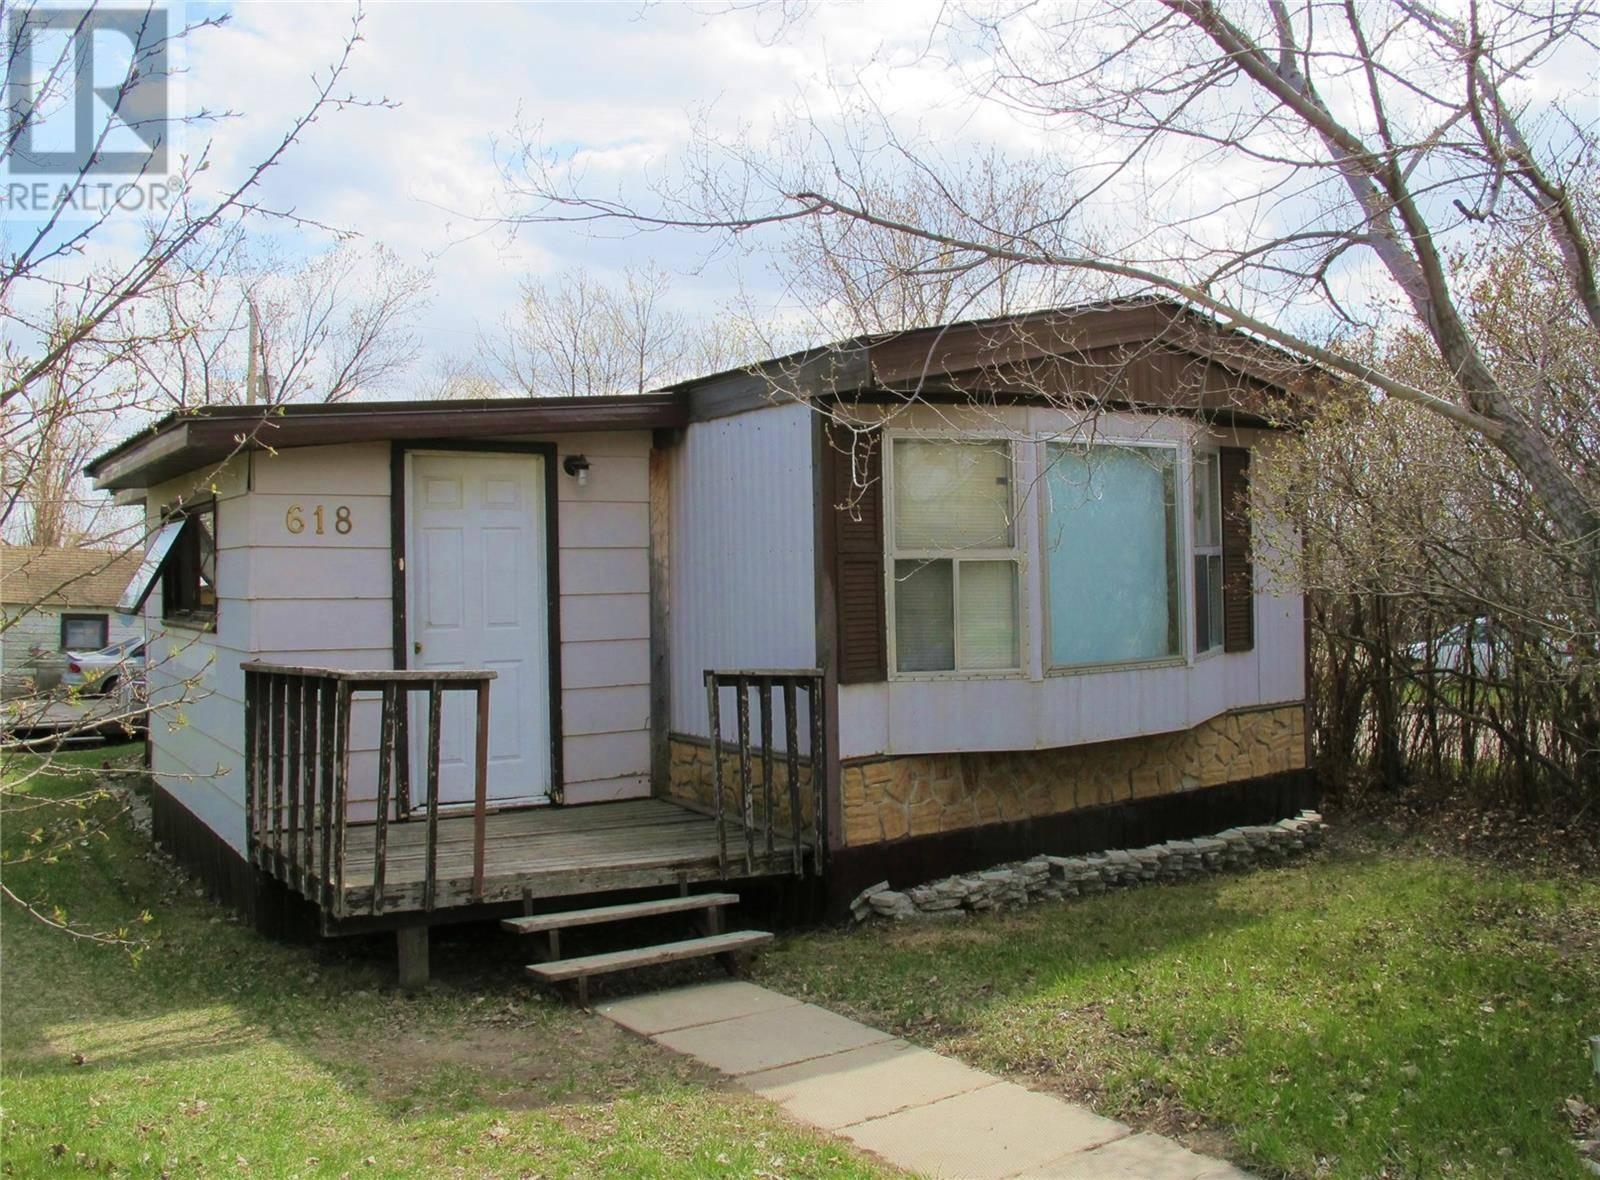 Home for sale at 618 Carbon Ave Bienfait Saskatchewan - MLS: SK771406